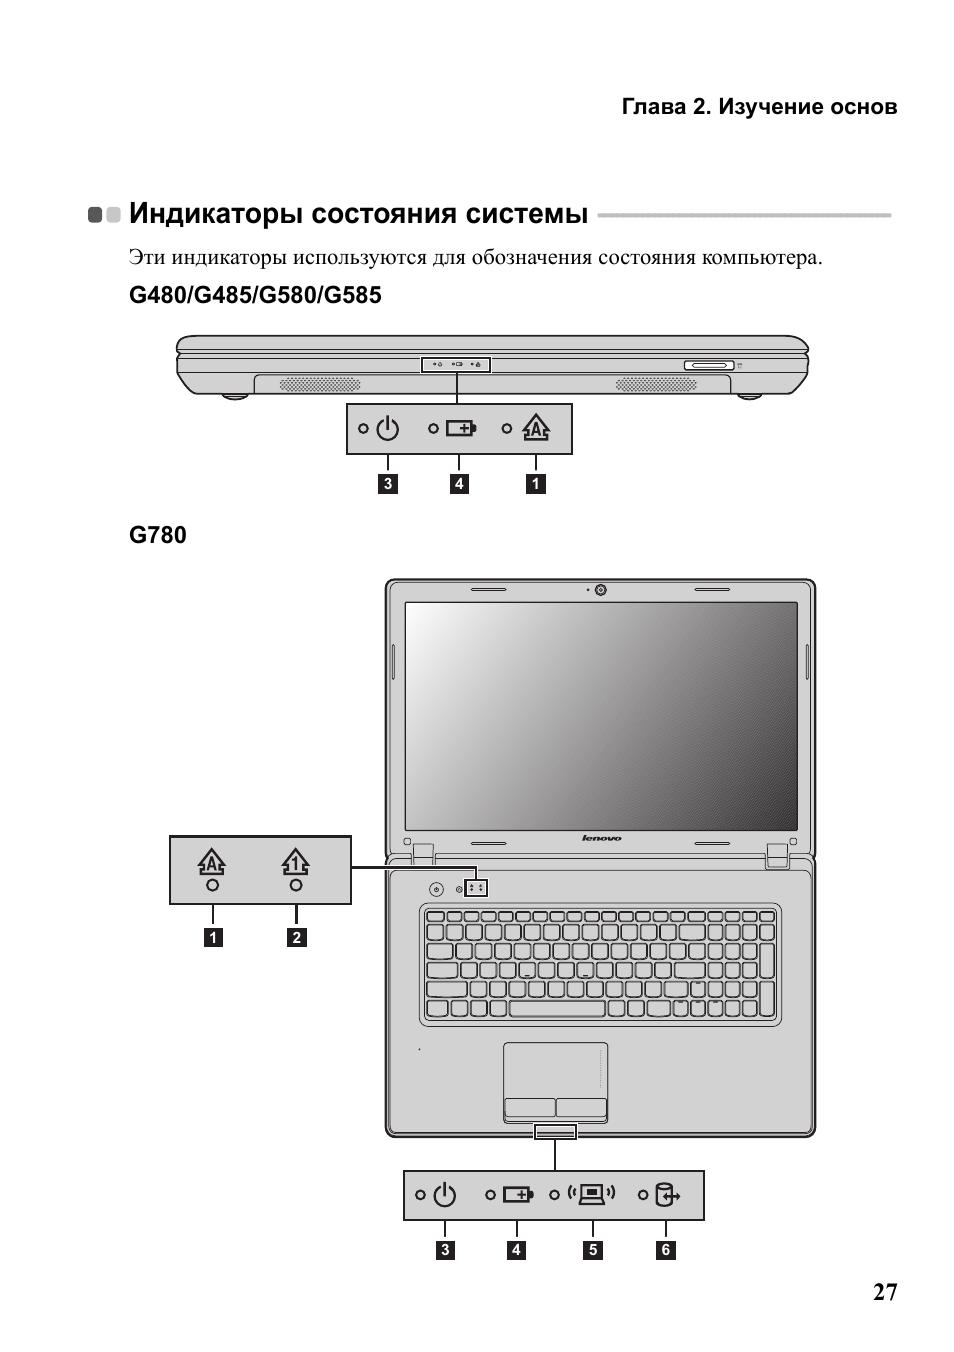 Инструкция по эксплуатации lenovo g580